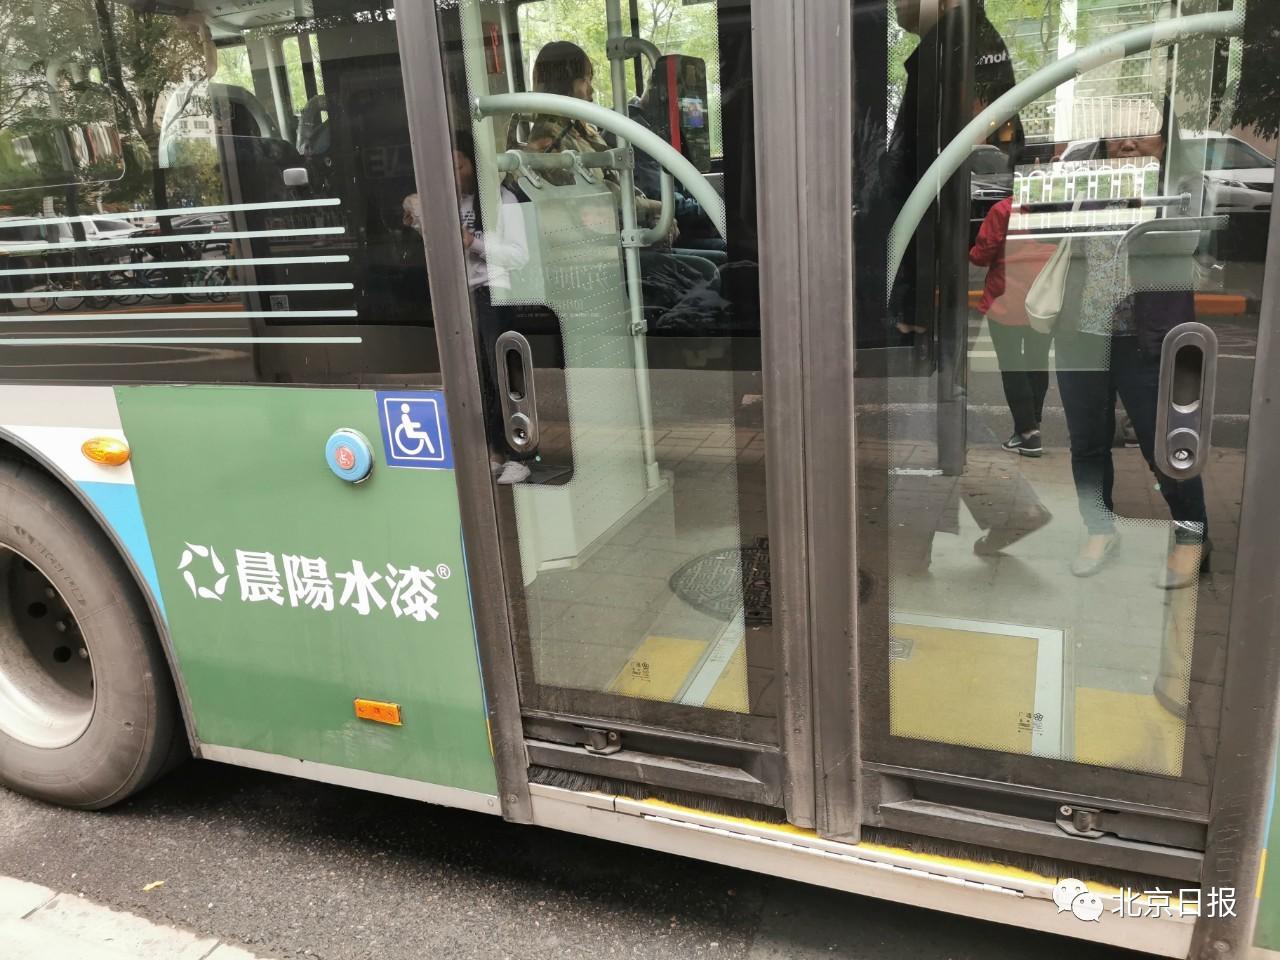 乐谷游戏送十万金币 社科院:预测今年中国经济平稳运行 全年GDP增速6.3%